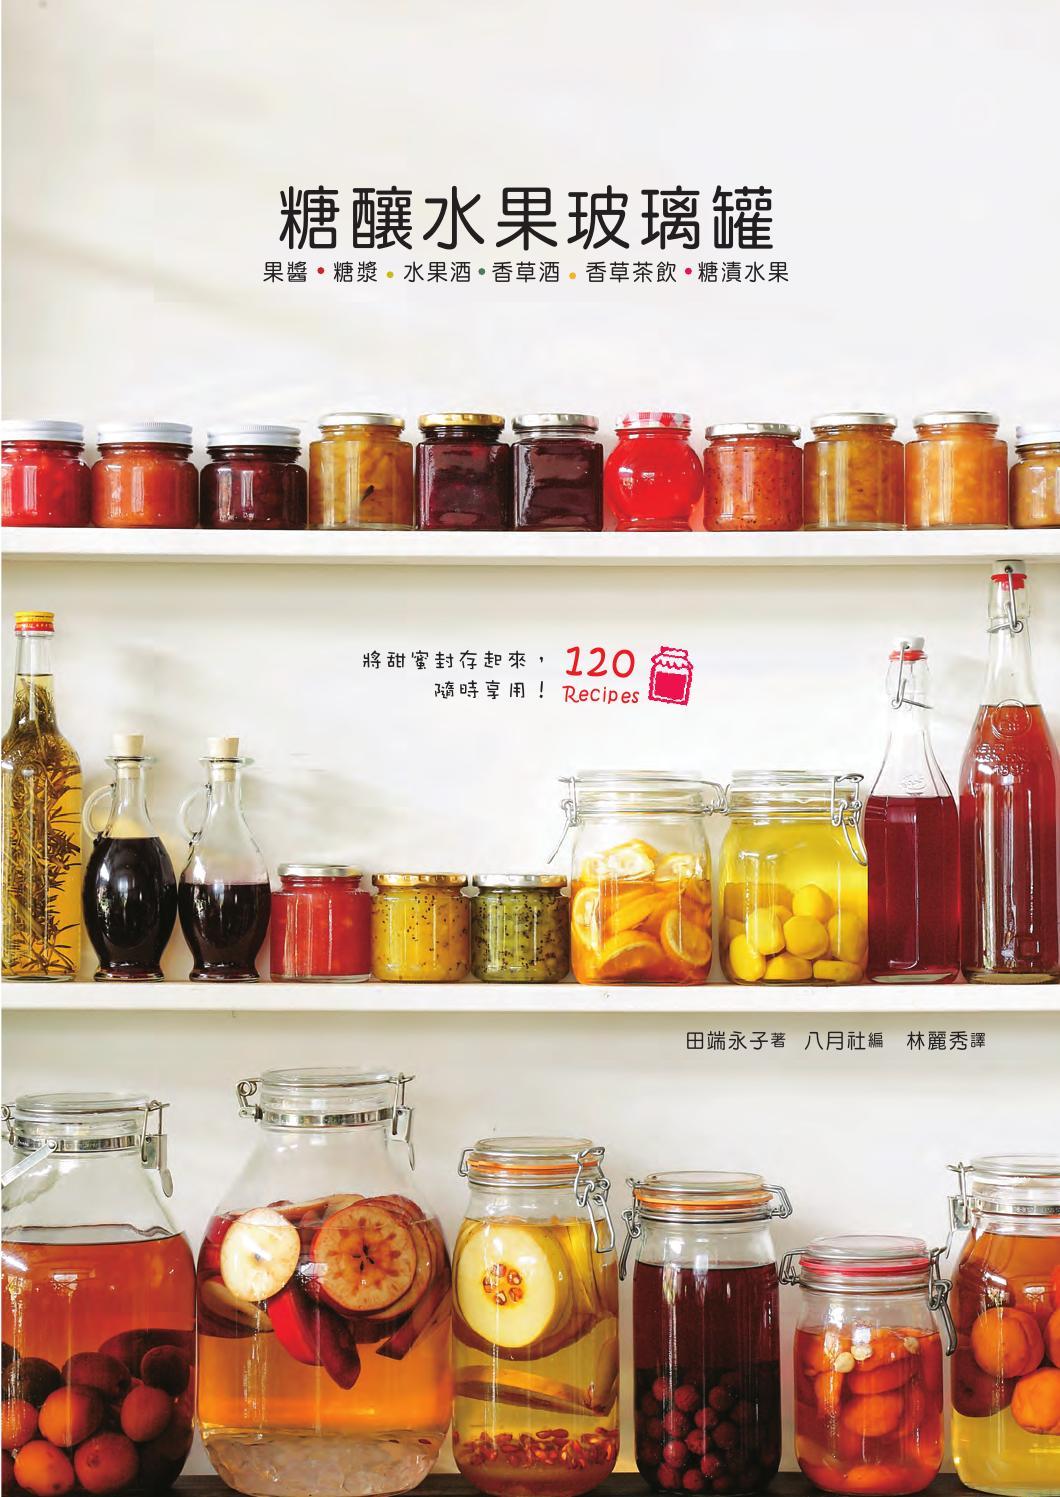 糖釀水果玻璃罐 by 瑞昇文化 - issuu